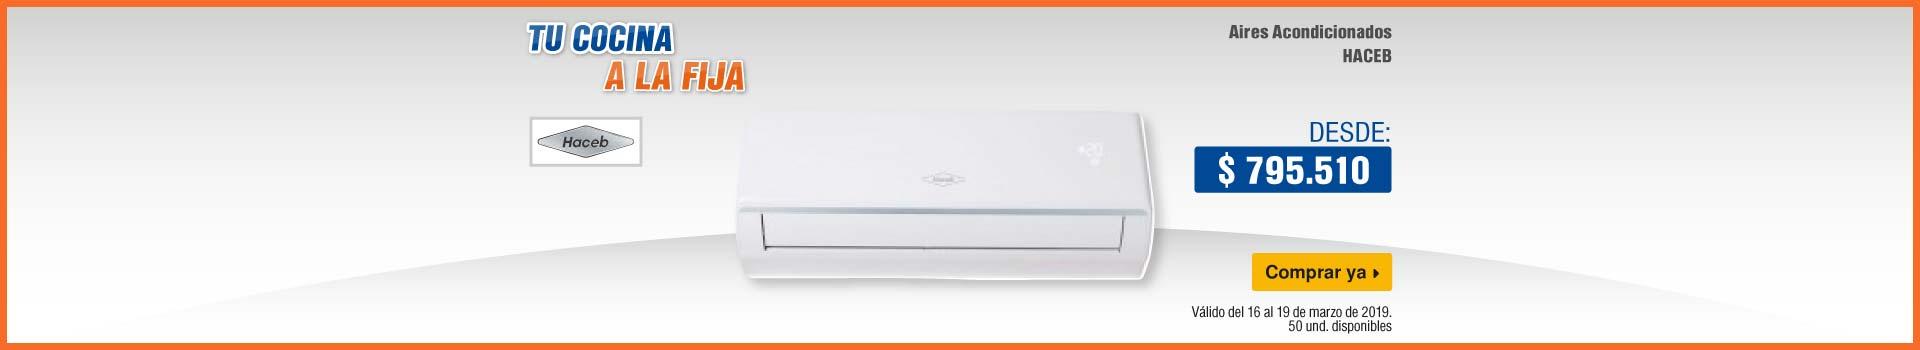 AK-KT-mayores-1-ELECT-BCAT-climatizacion-haceb-160319-2